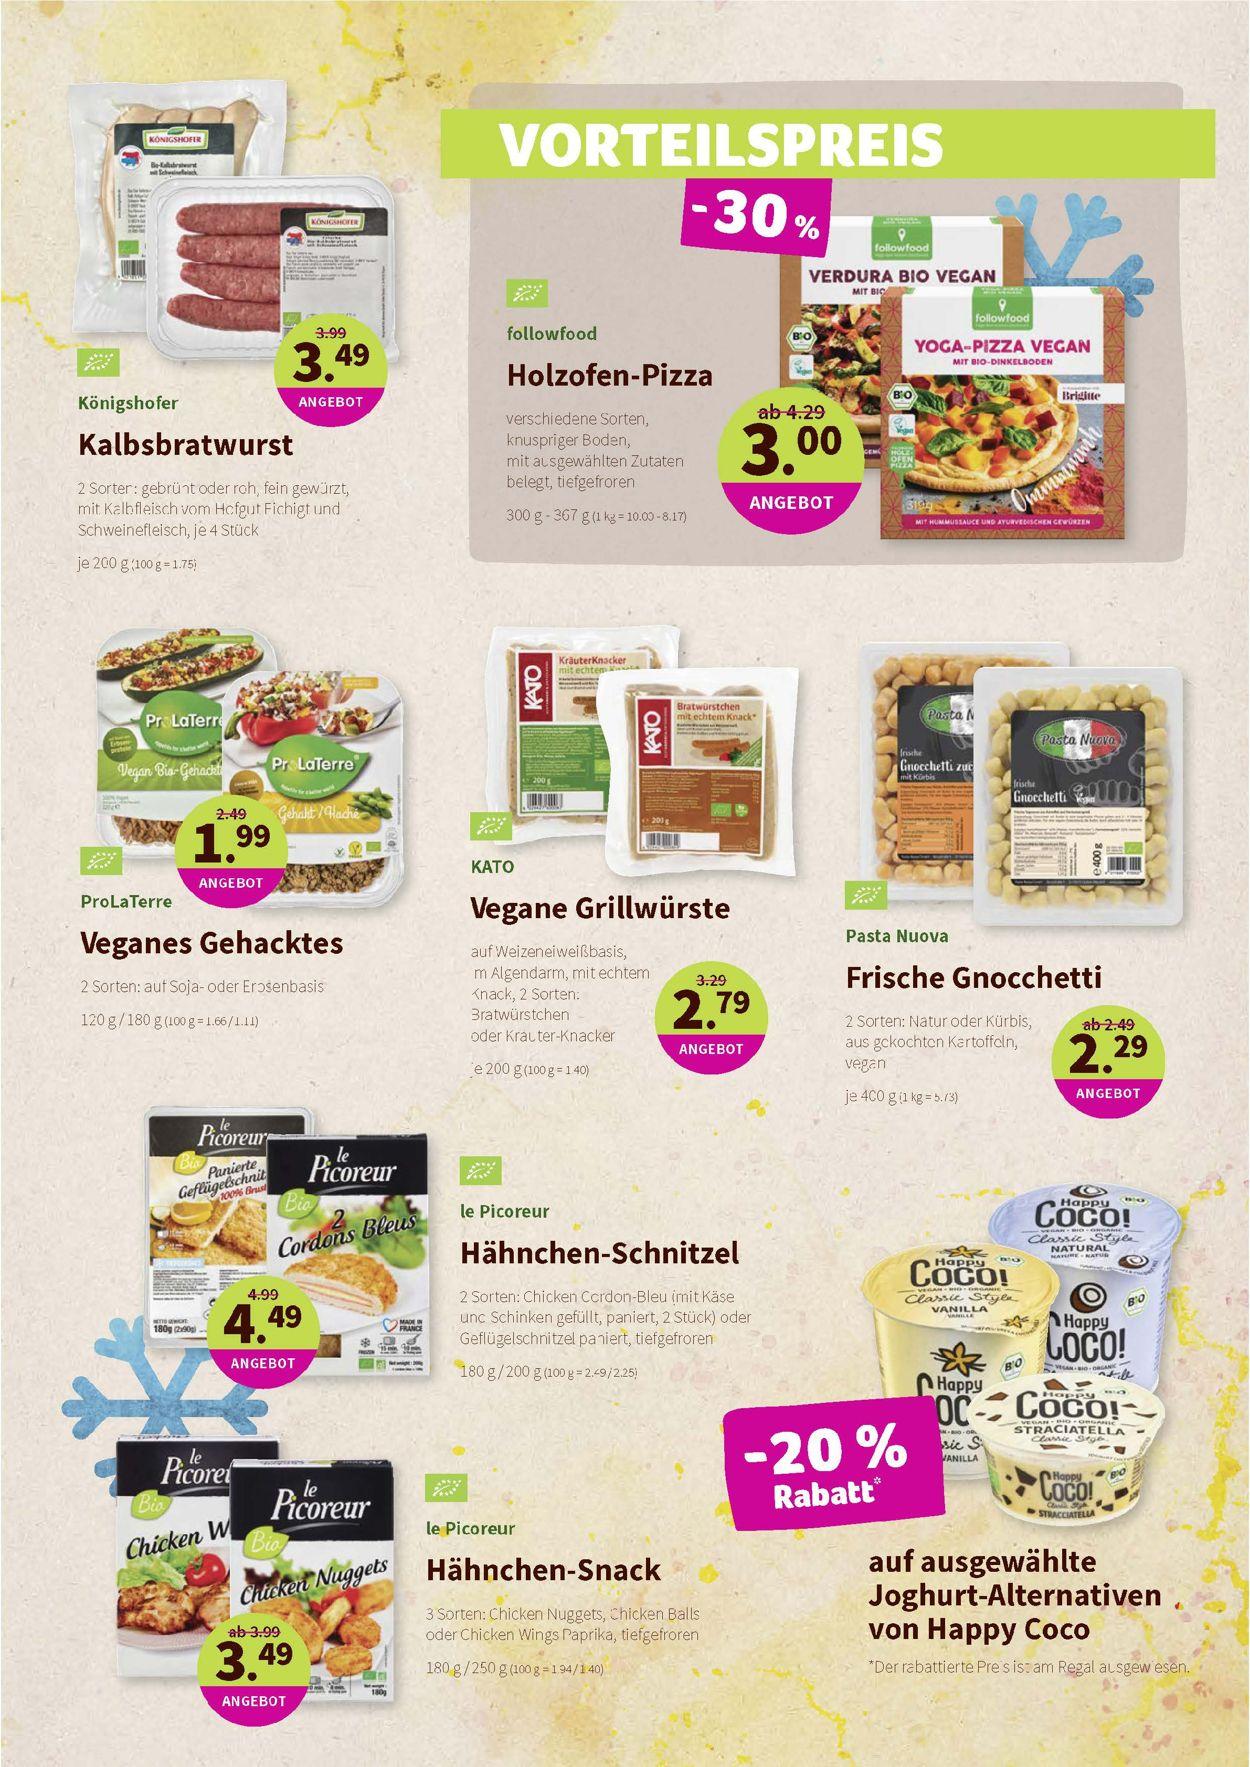 Denn's Biomarkt Prospekt - Aktuell vom 29.07-11.08.2020 (Seite 3)